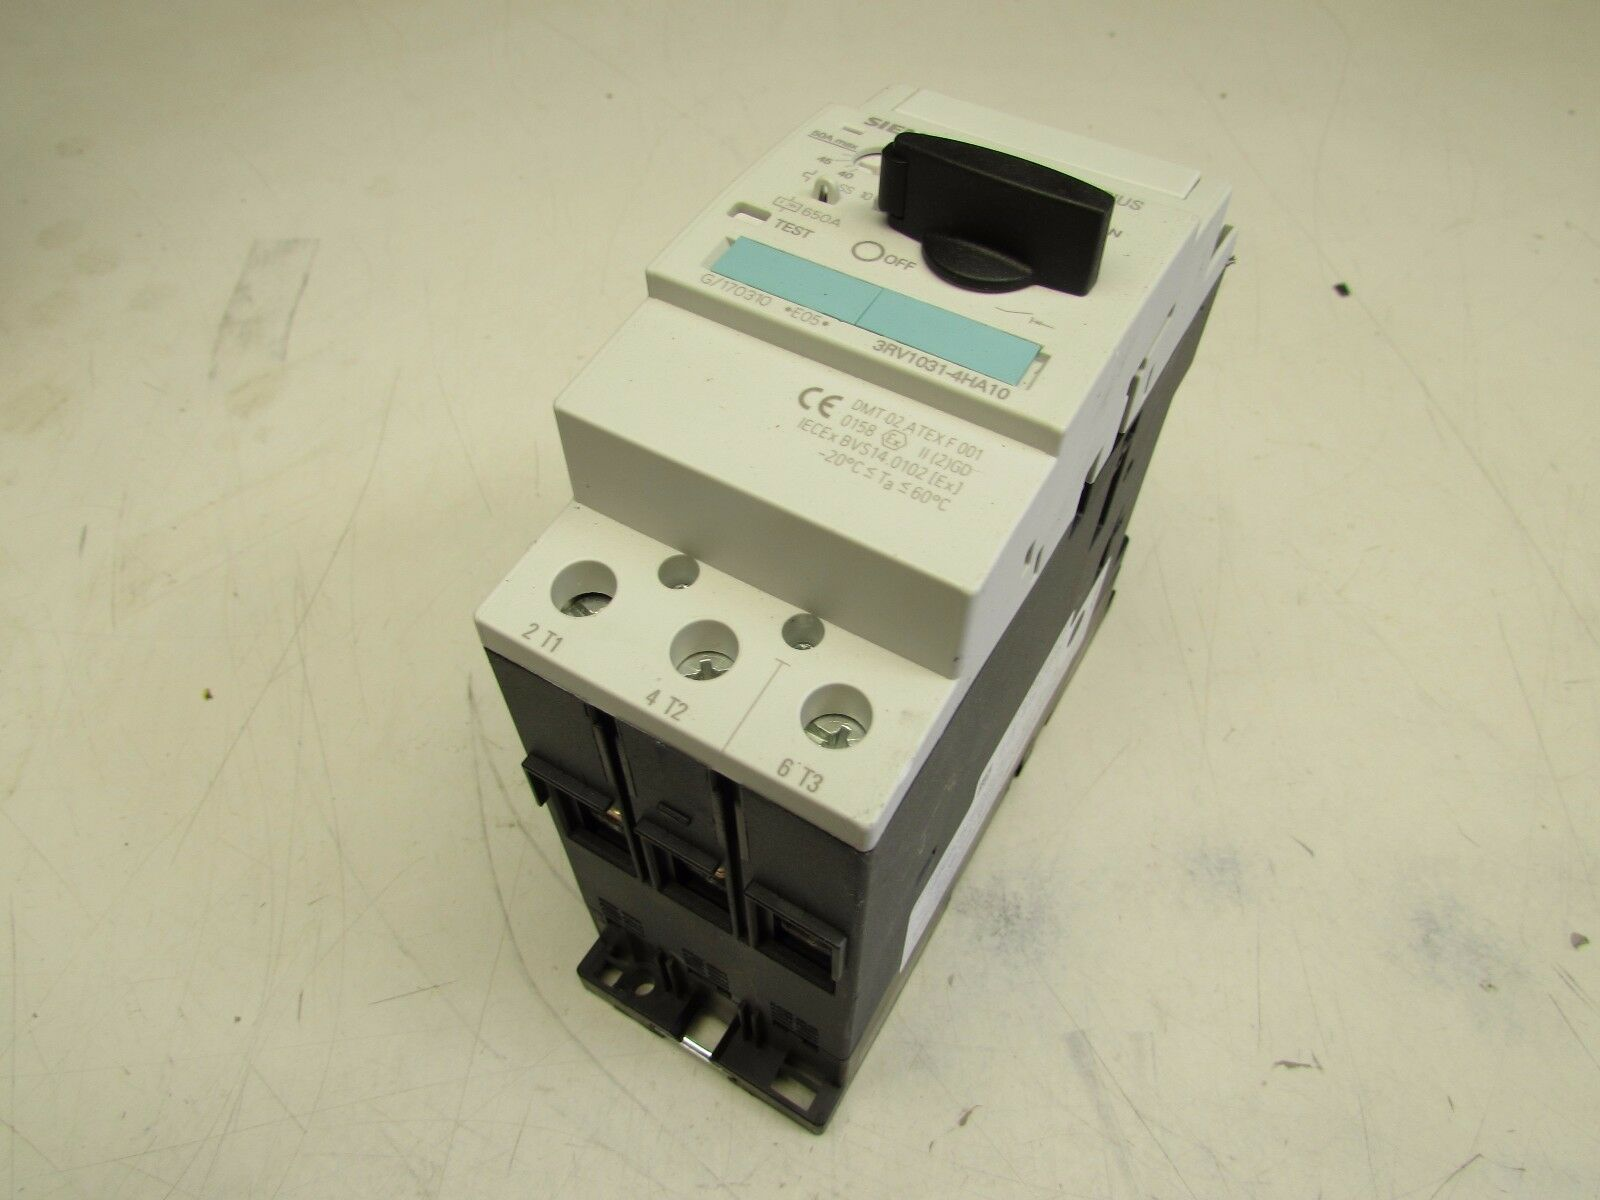 Siemens 3RV1031-4HA10 Leistungsschalter 40-50A